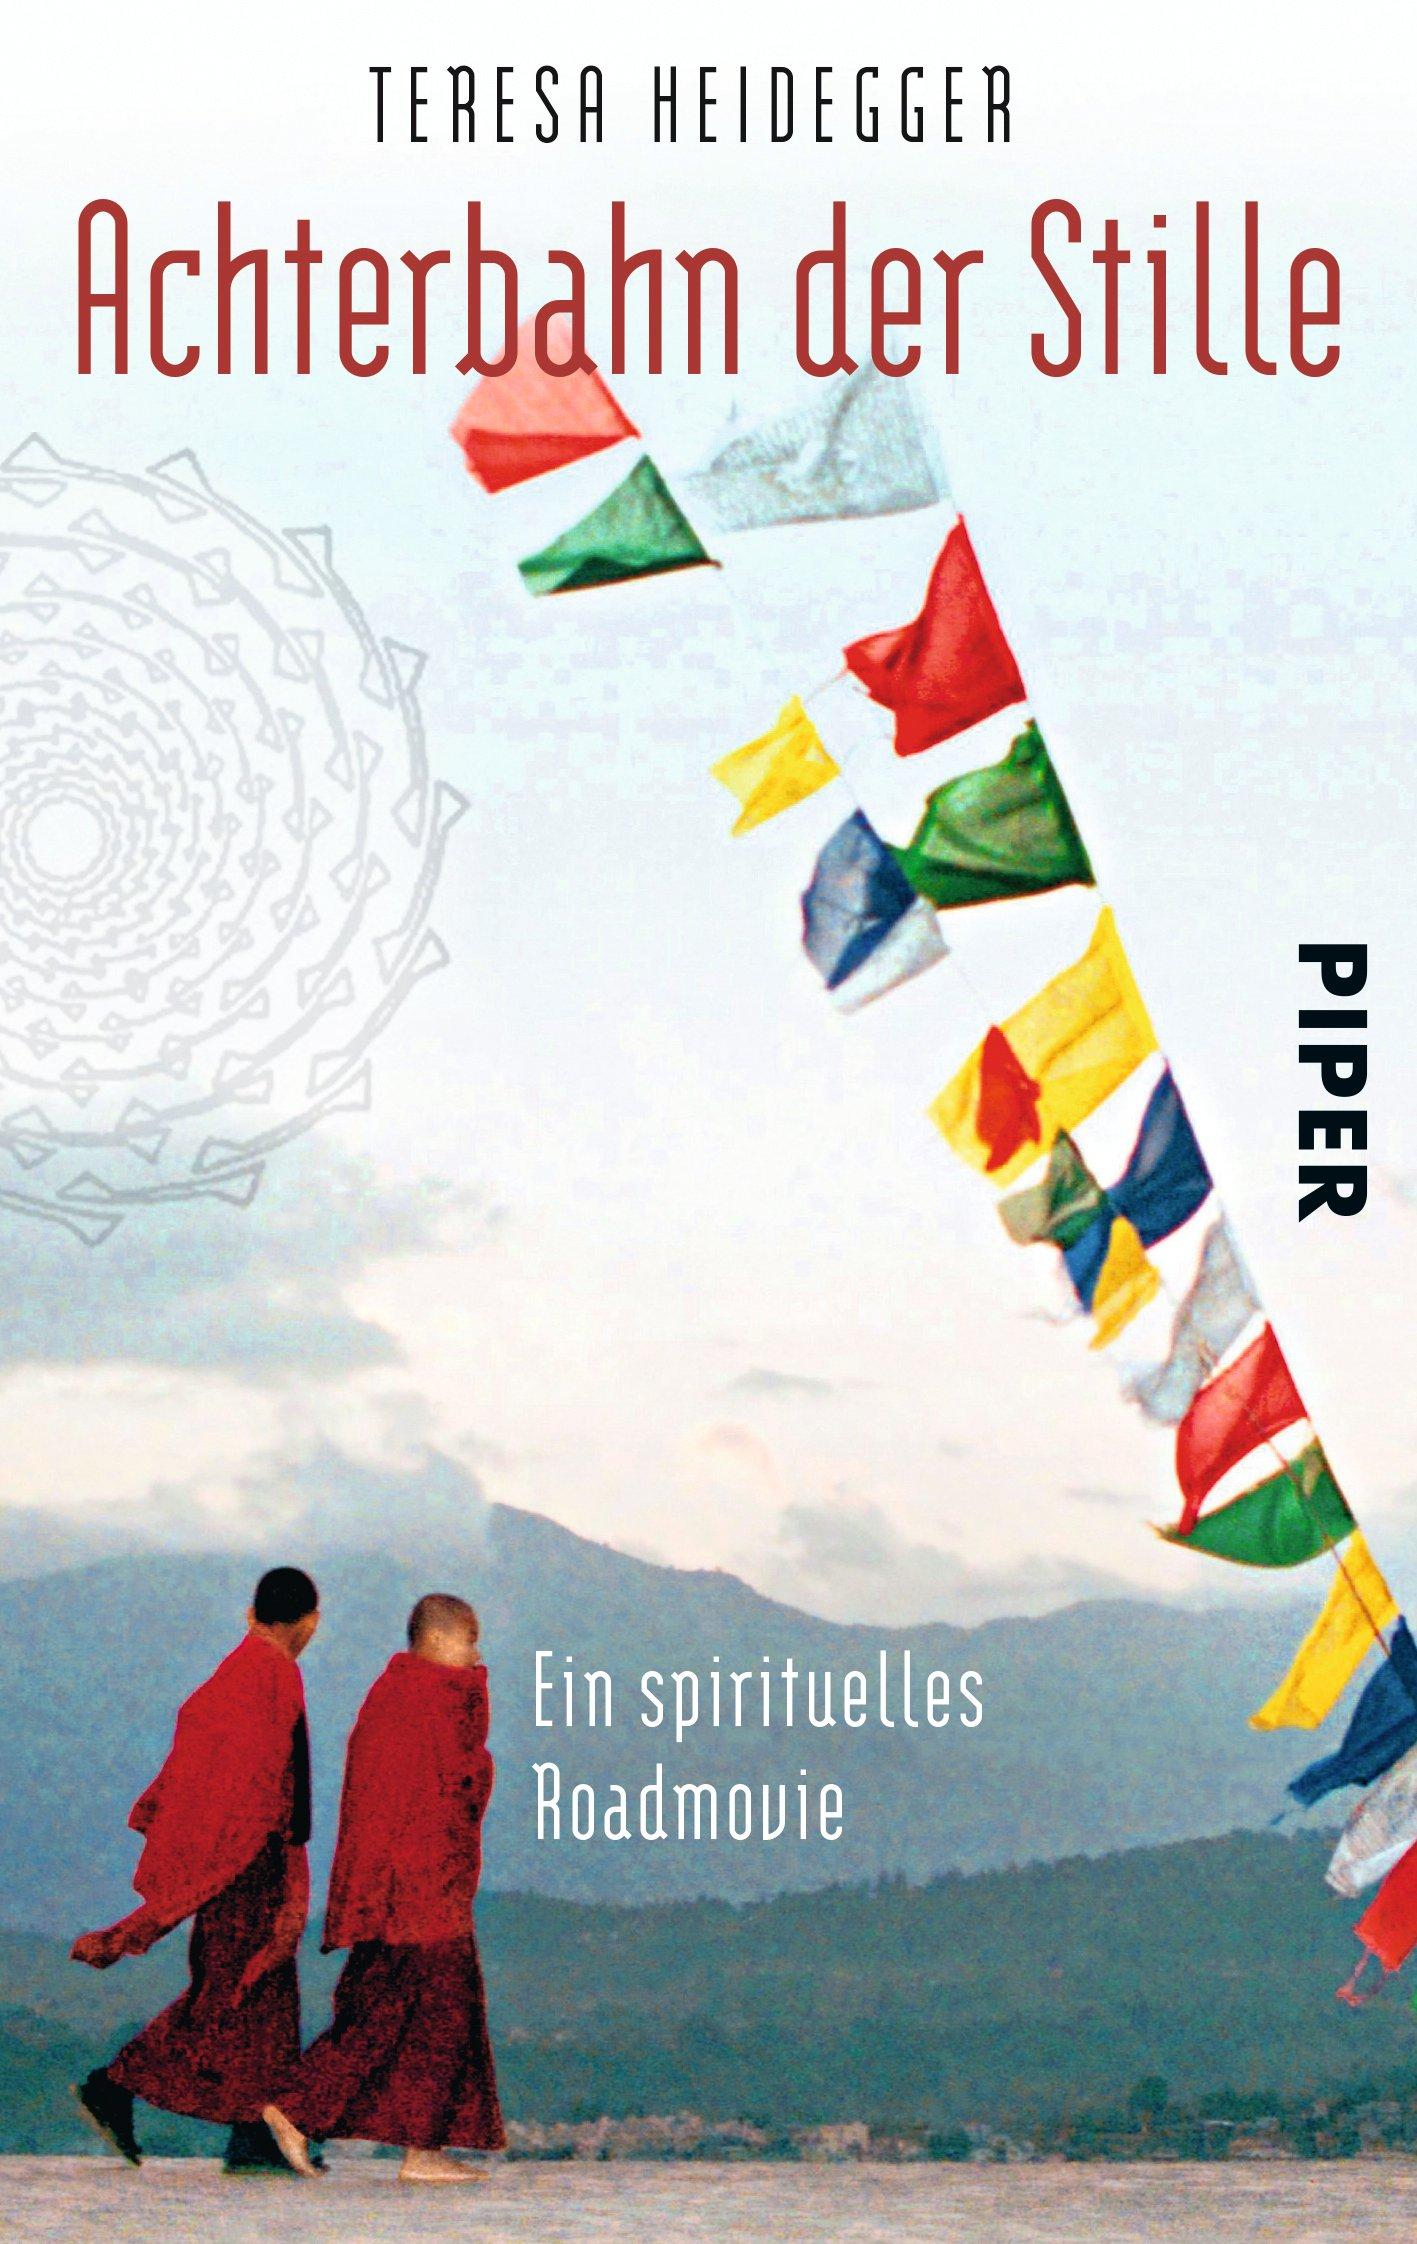 Achterbahn der Stille: Ein spirituelles Roadmovie